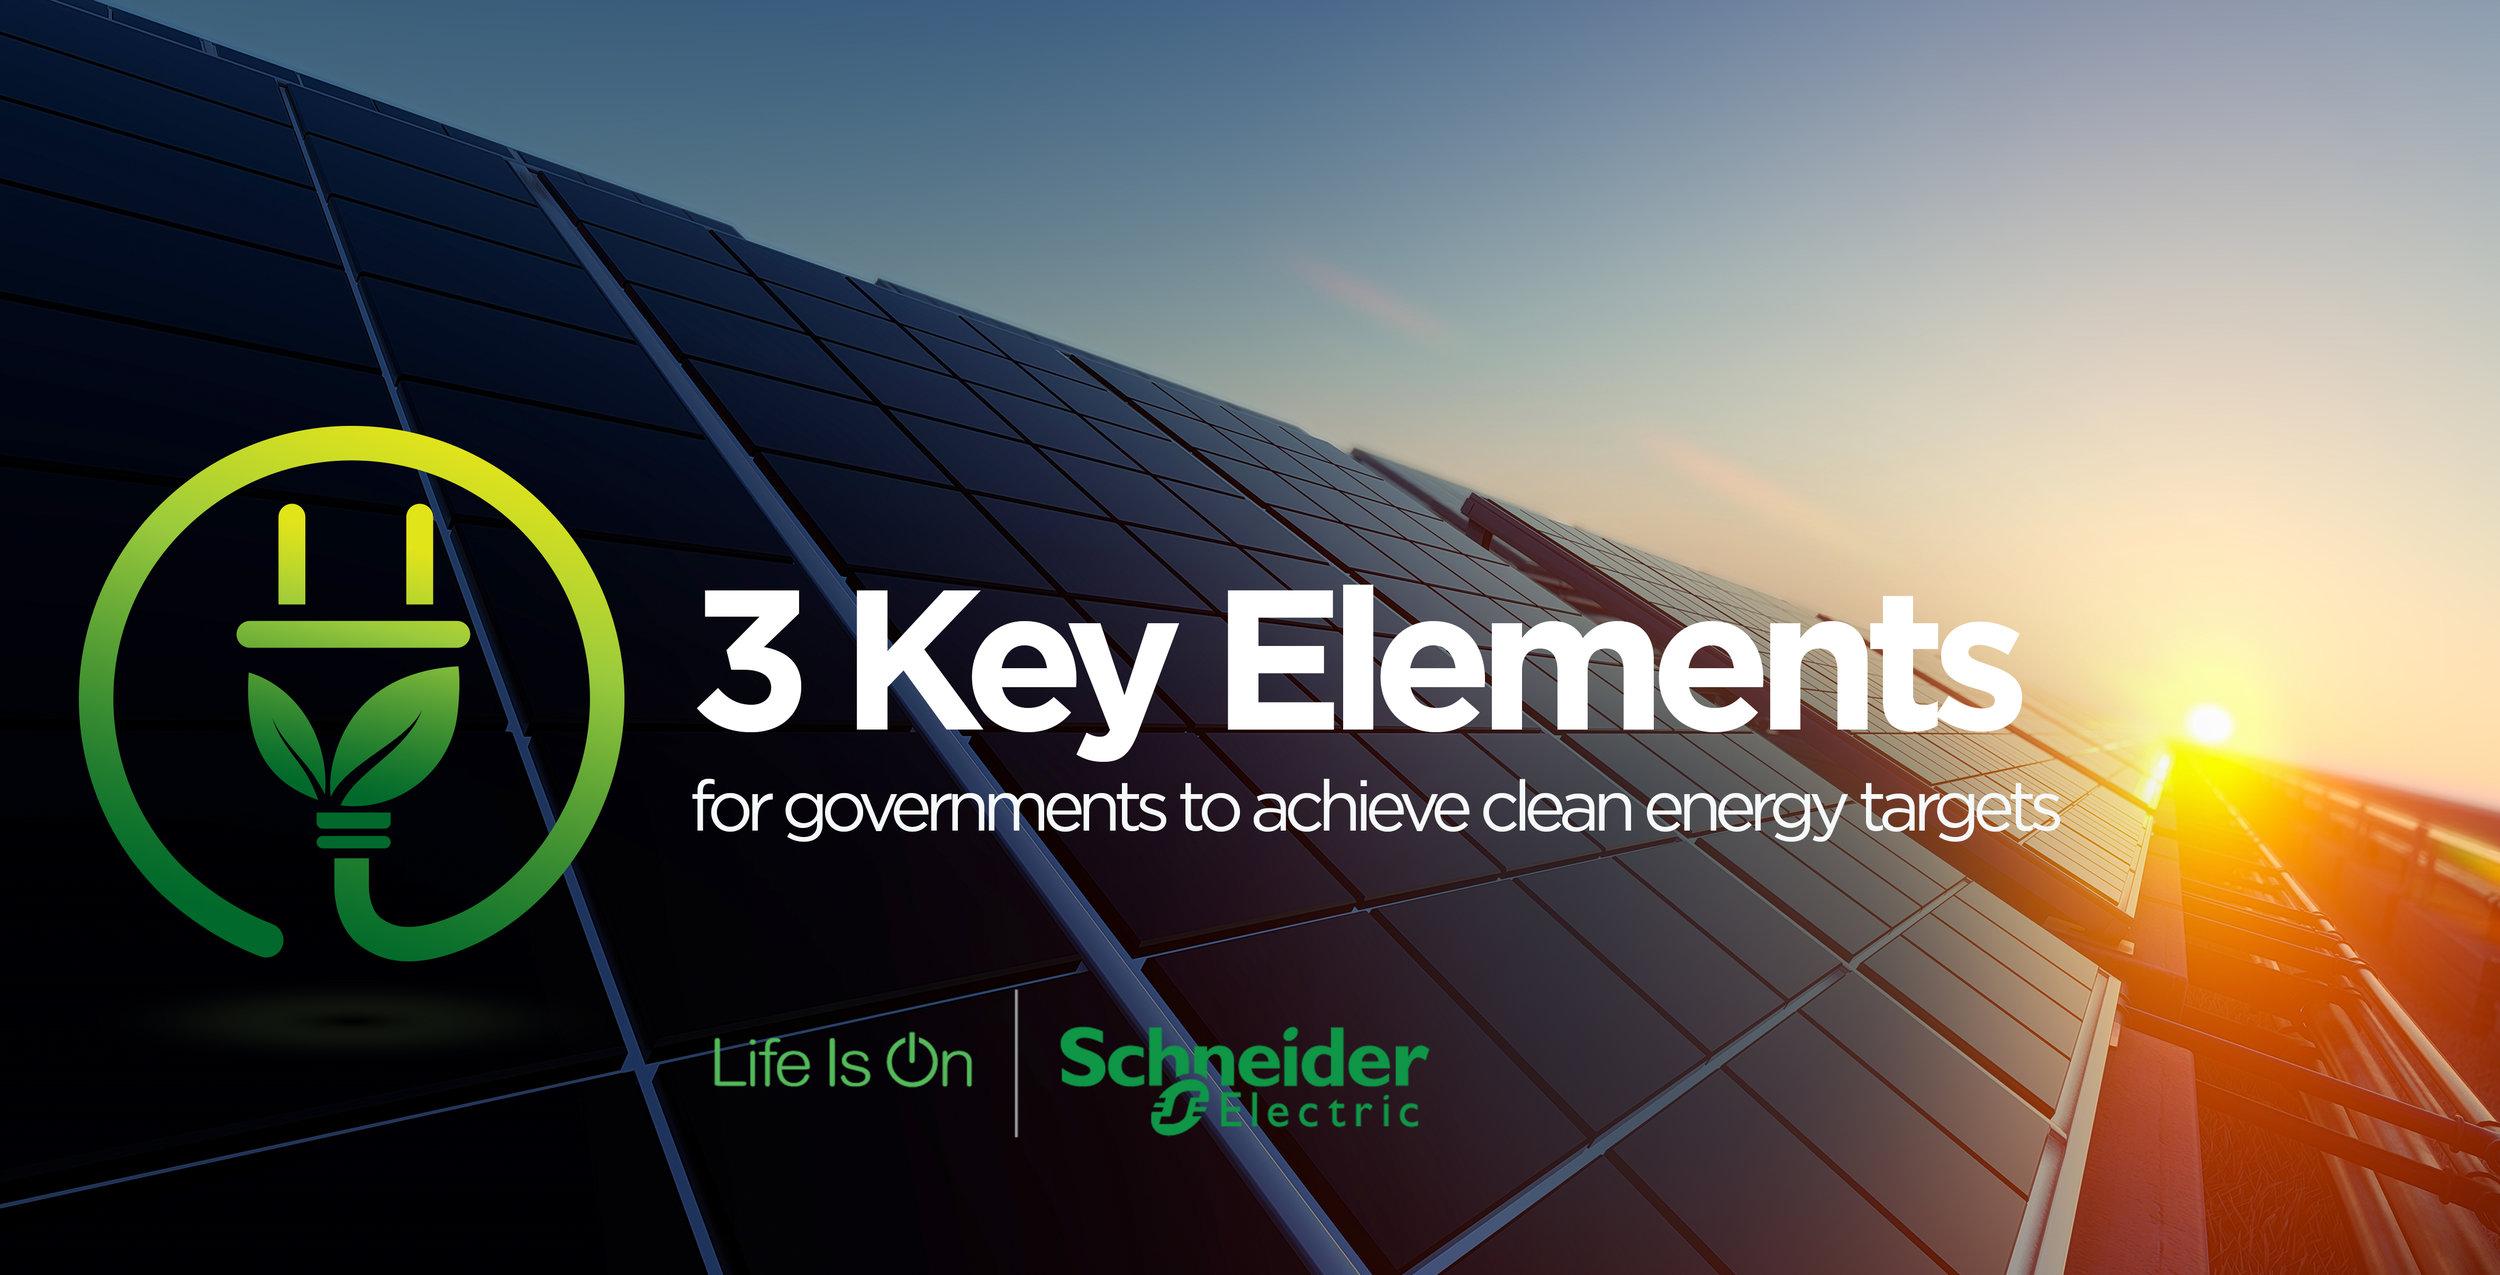 Schneider_cleanenergy.jpg